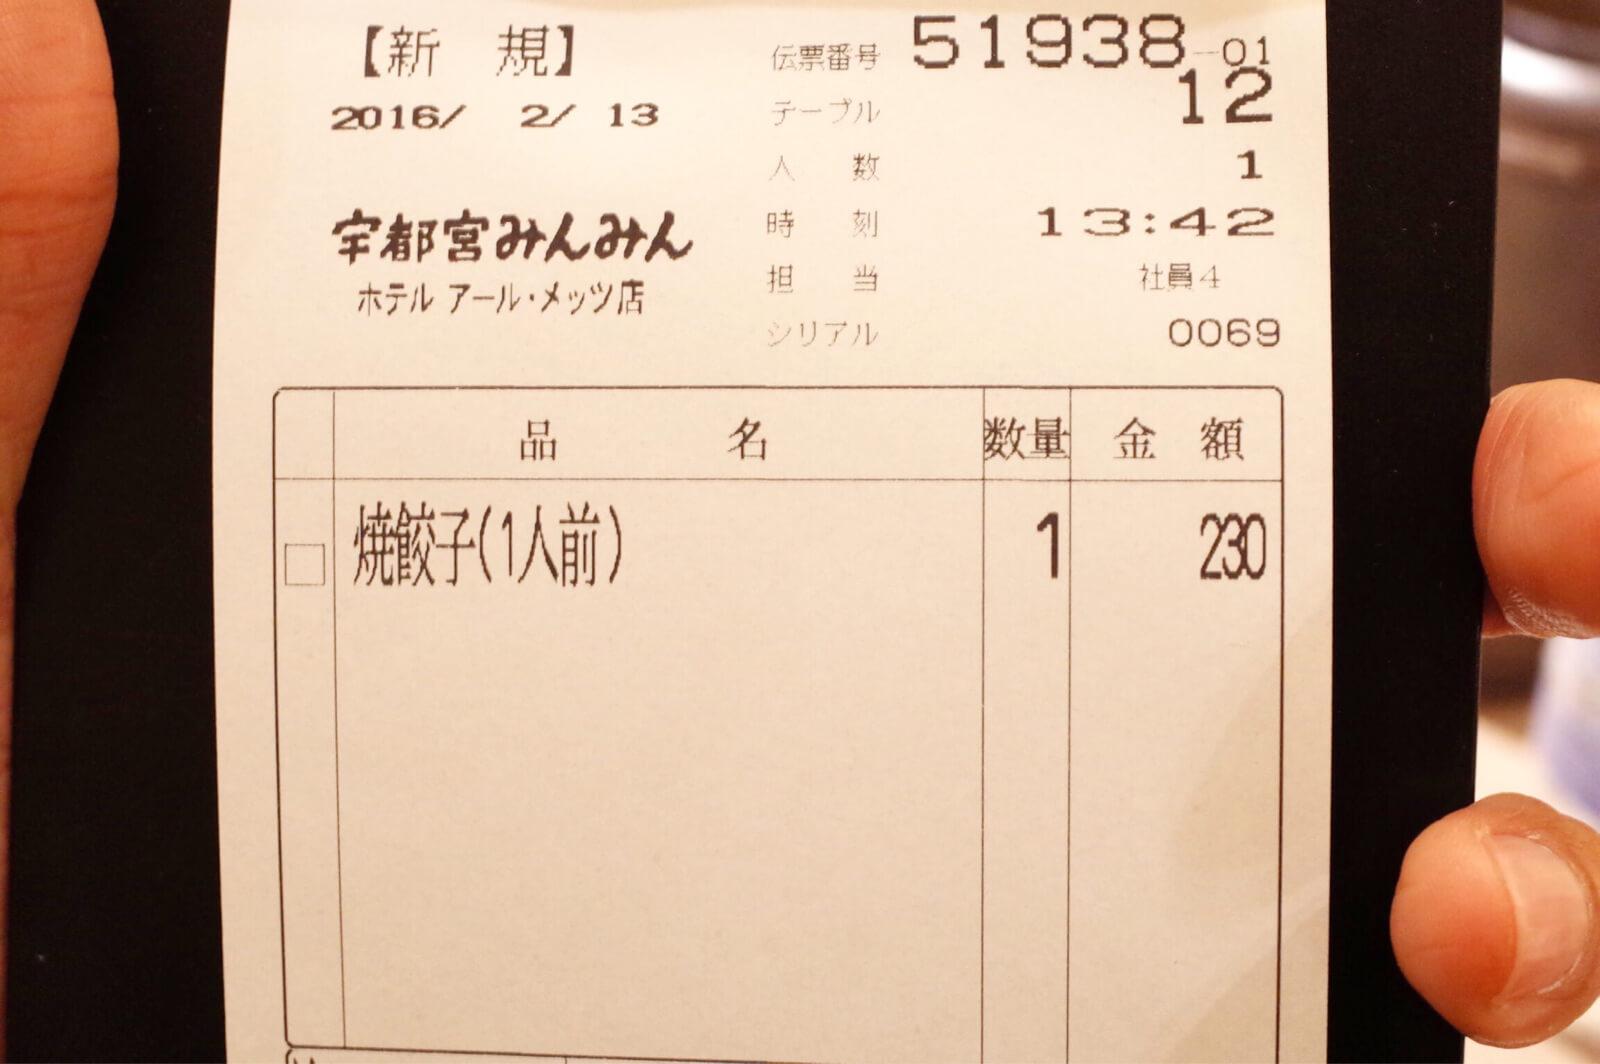 宇都宮みんみん 餃子 レシート